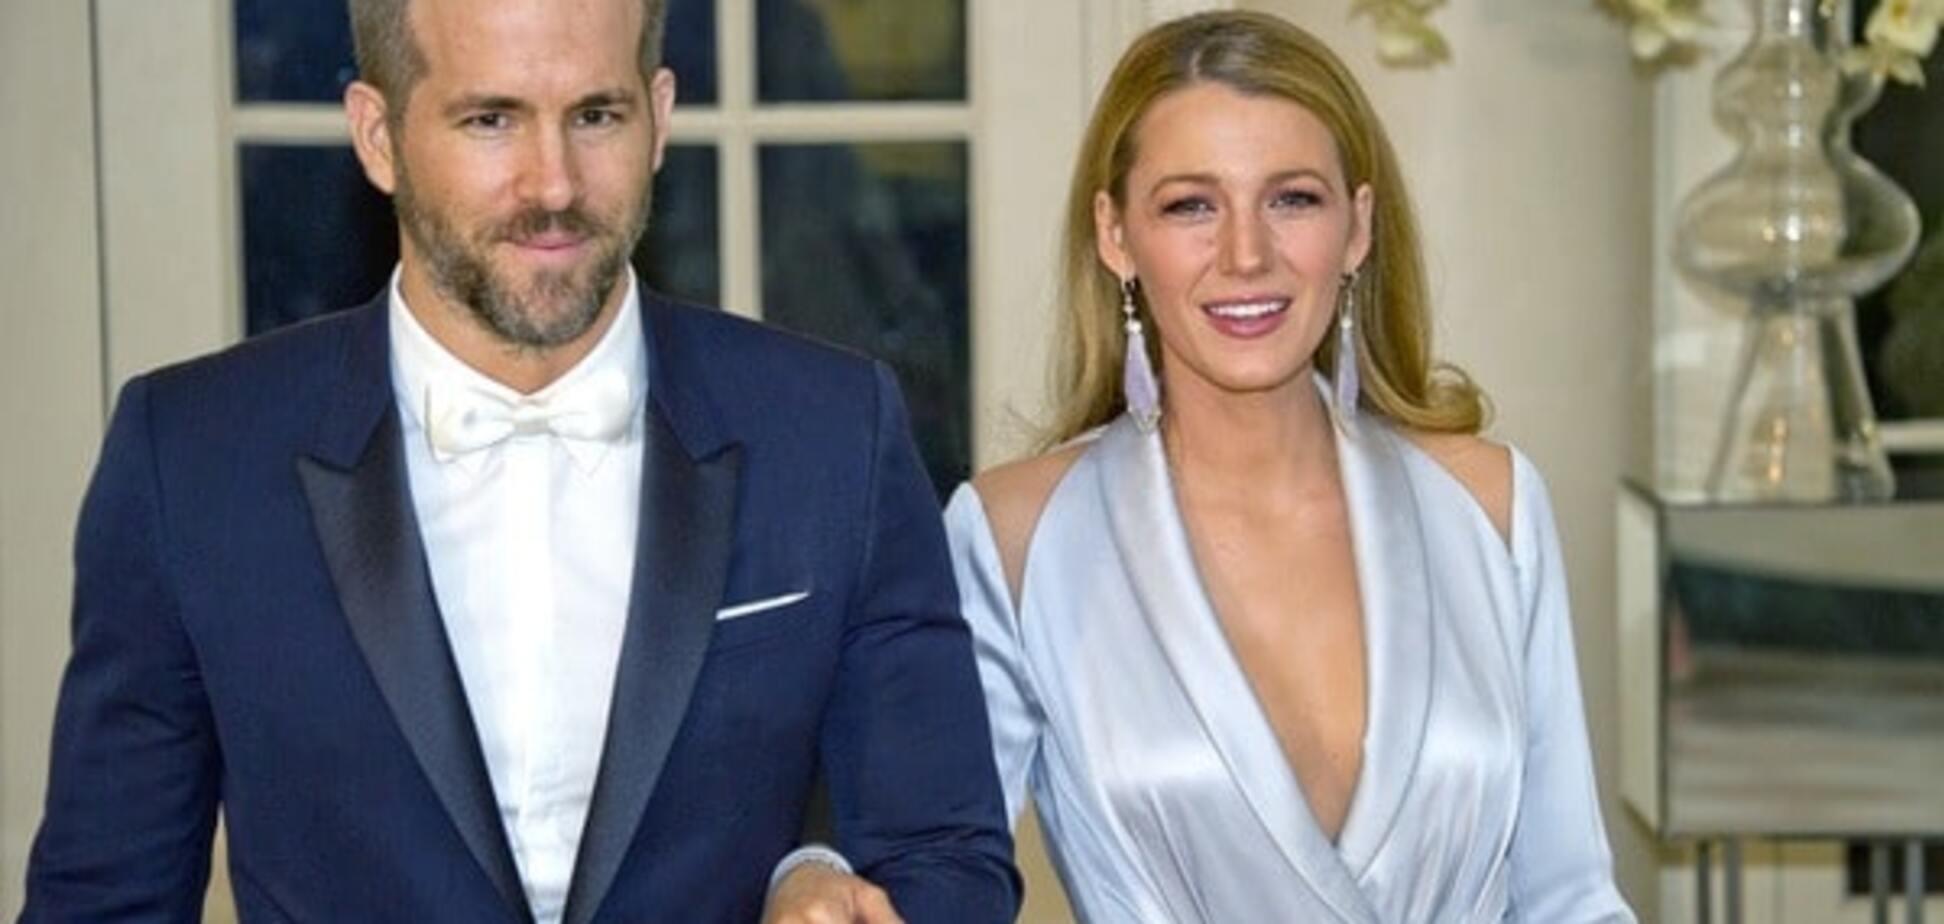 Райан Рейнольдс и Блейк Лайвли посетили ужин в Белом доме